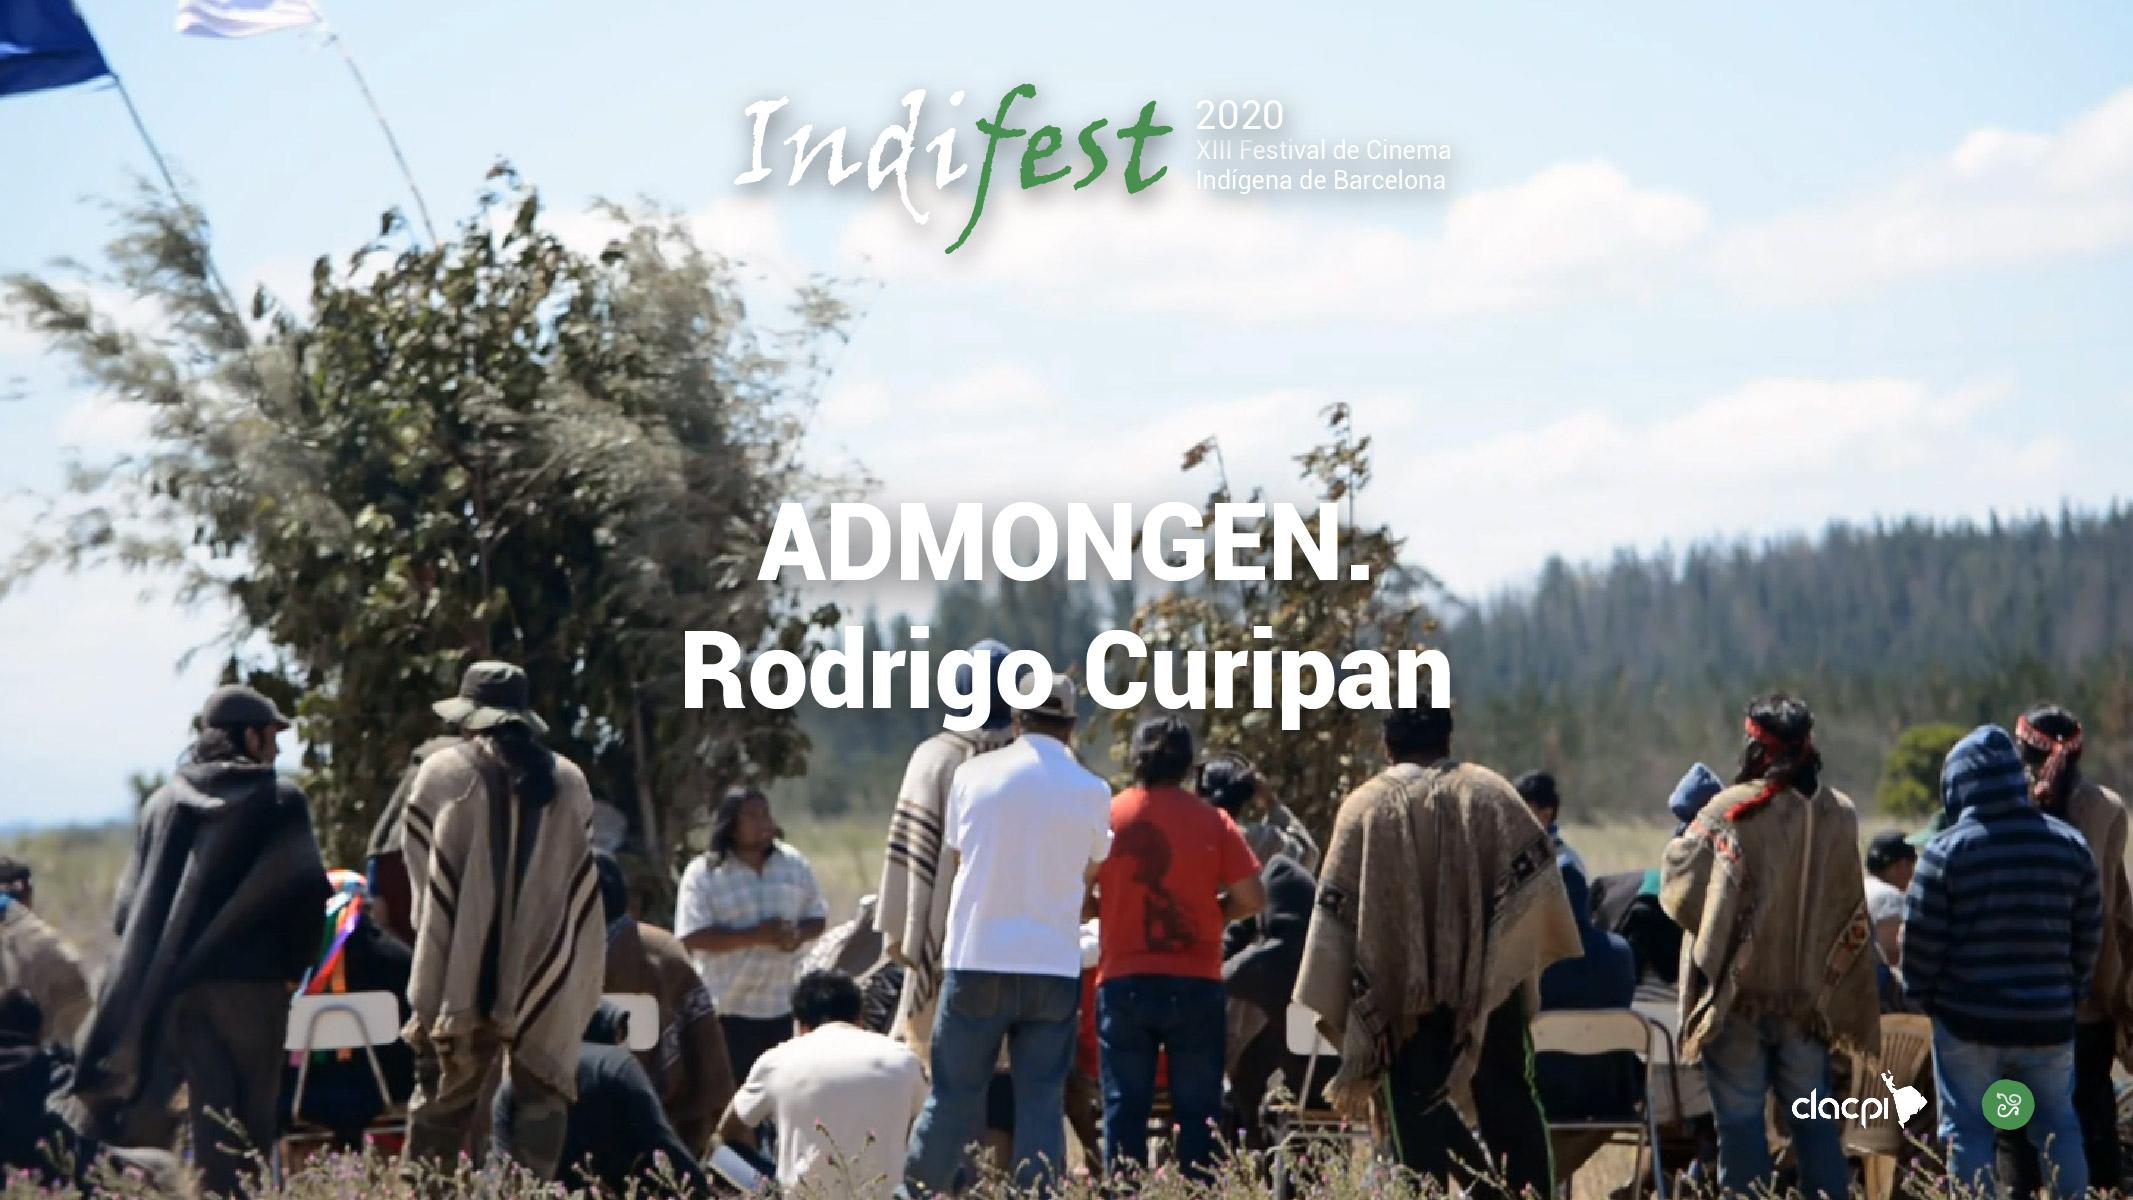 ADMONGEN. Rodrigo Curipan